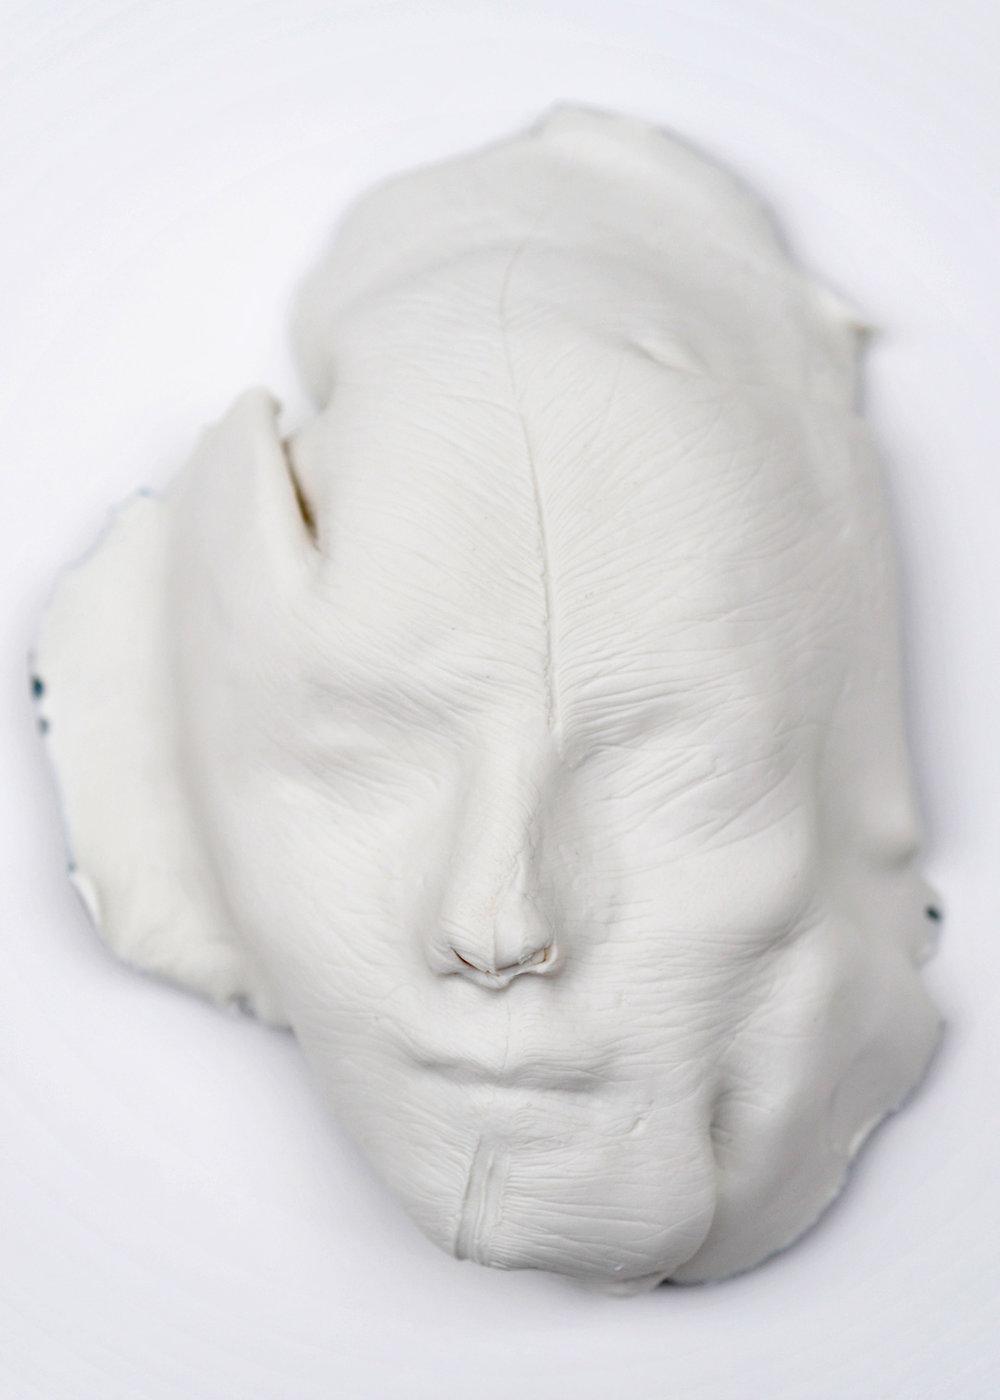 Medusa MACRO, Porcelain 2018